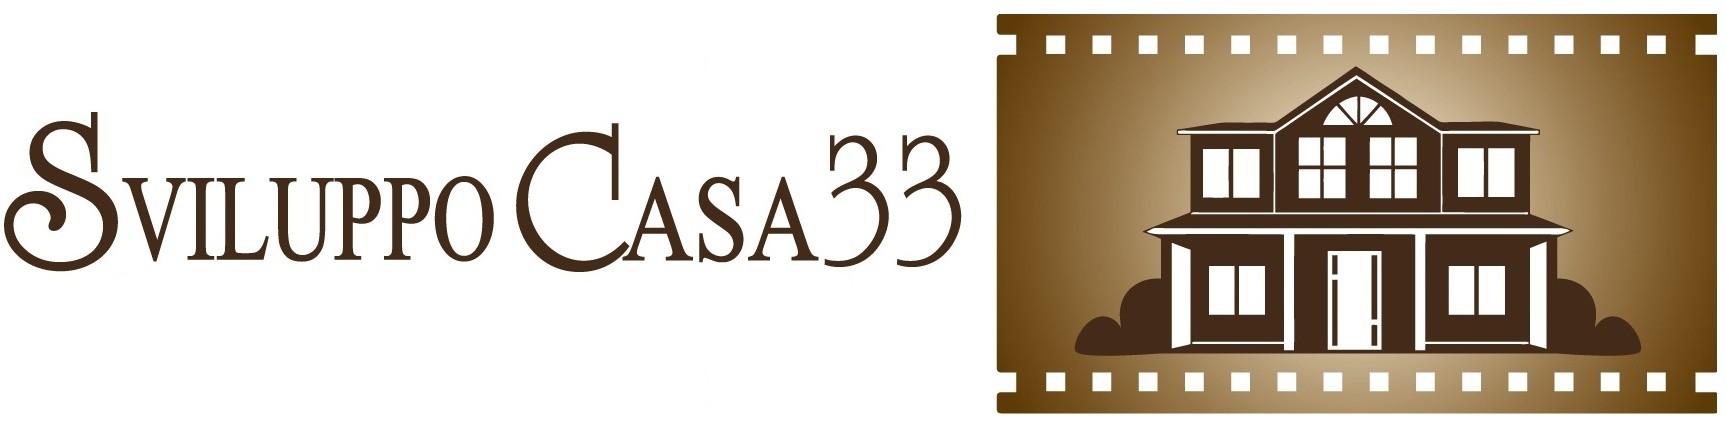 Sviluppo Casa33